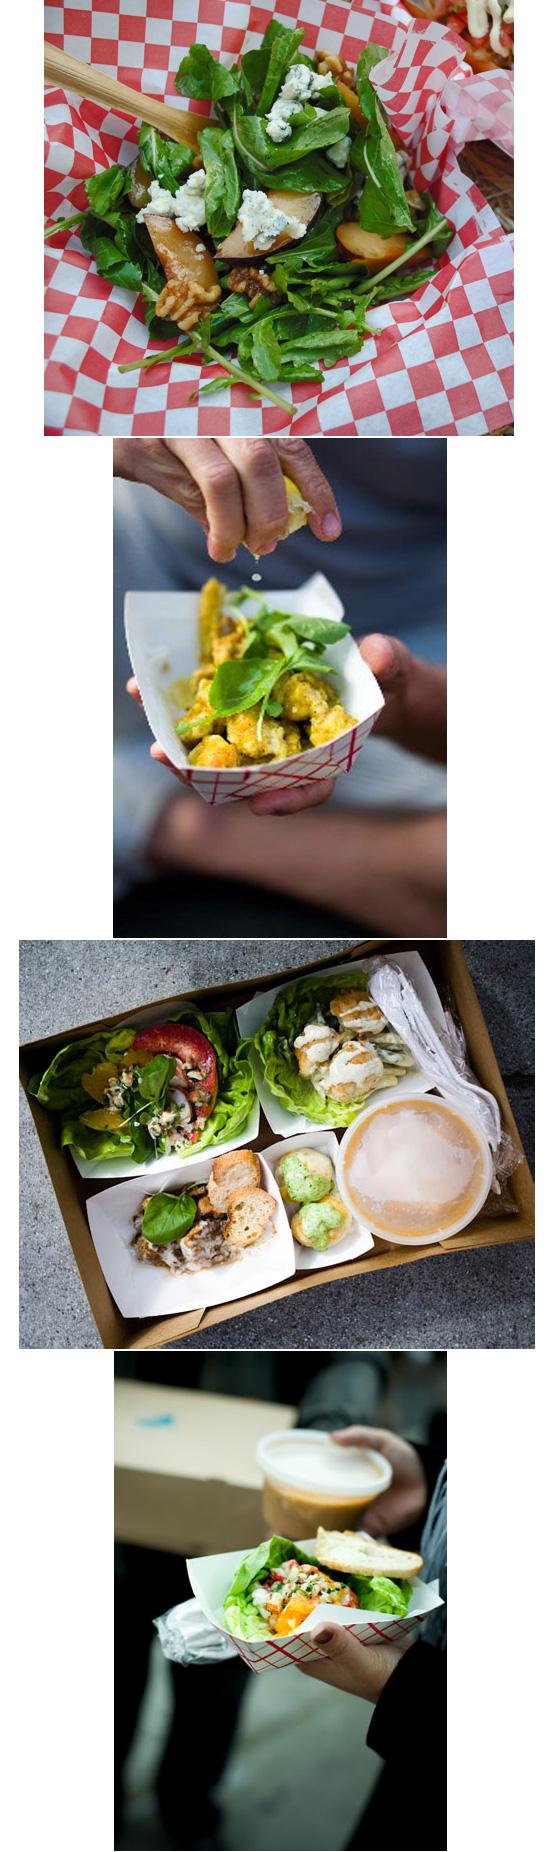 food-truck-food